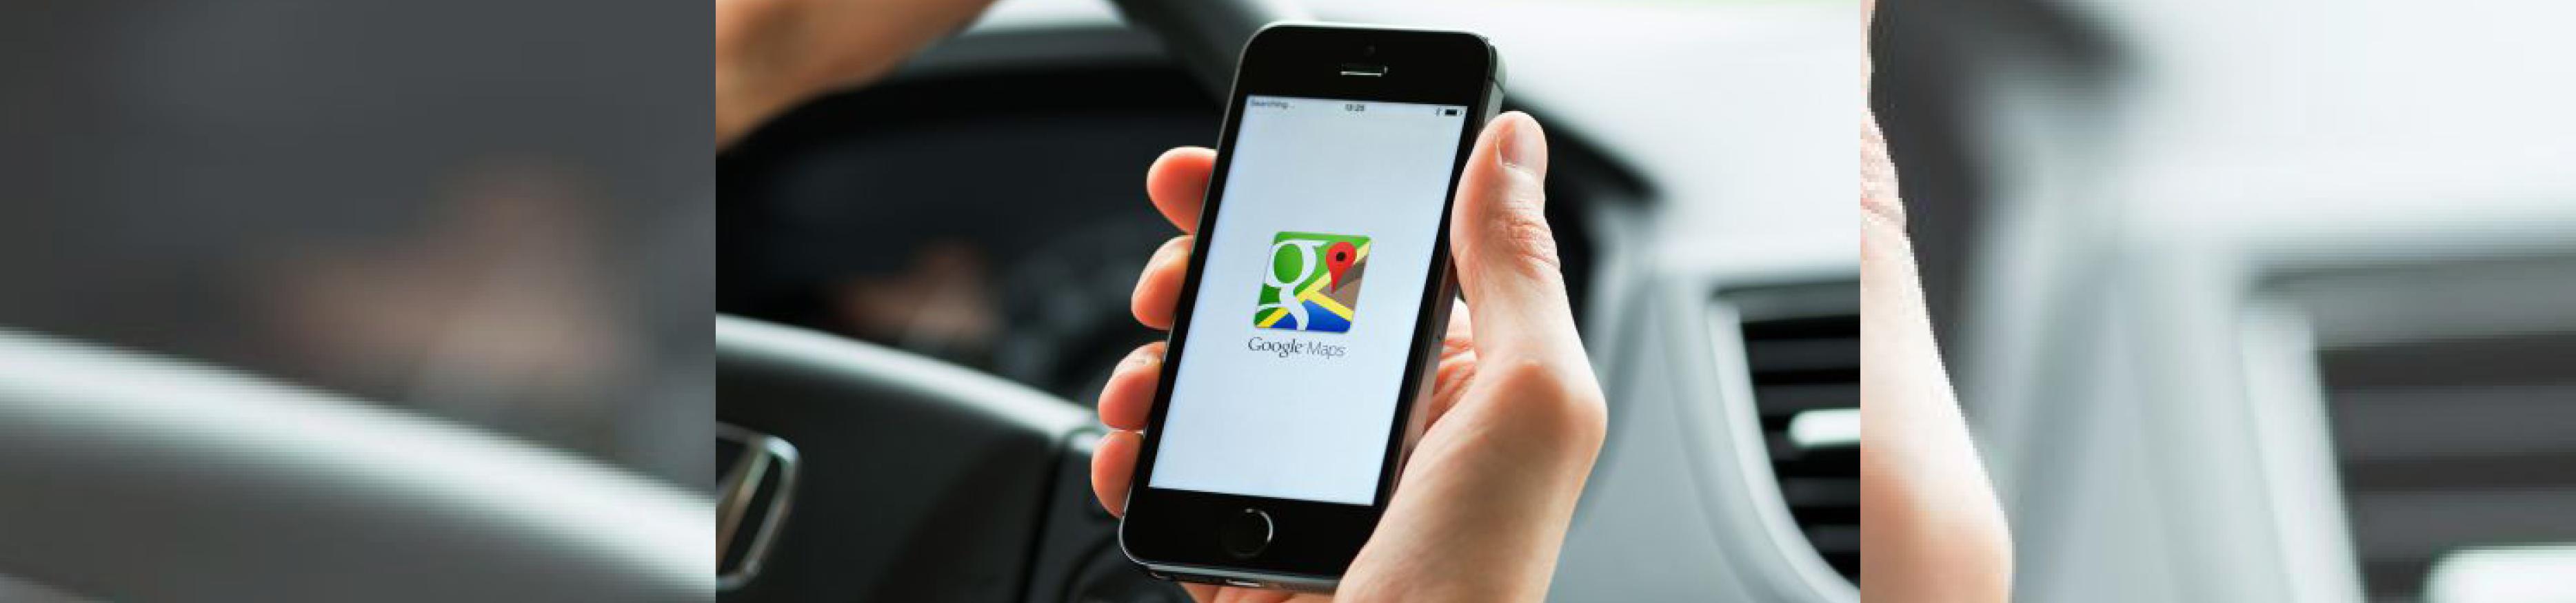 apps-essenciais-para-celular